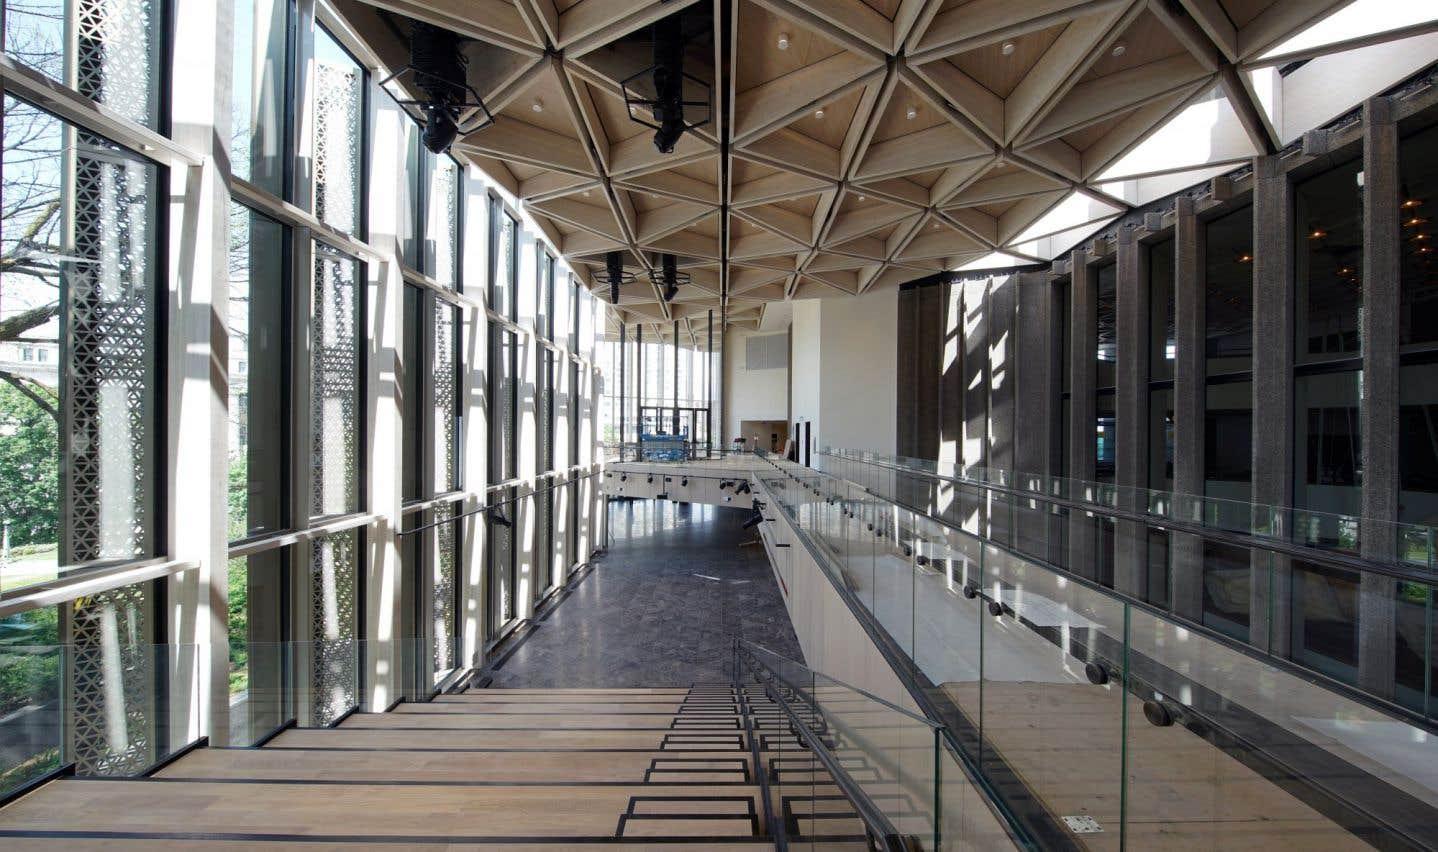 Vue sur le hall d'entrée du Centre national des arts